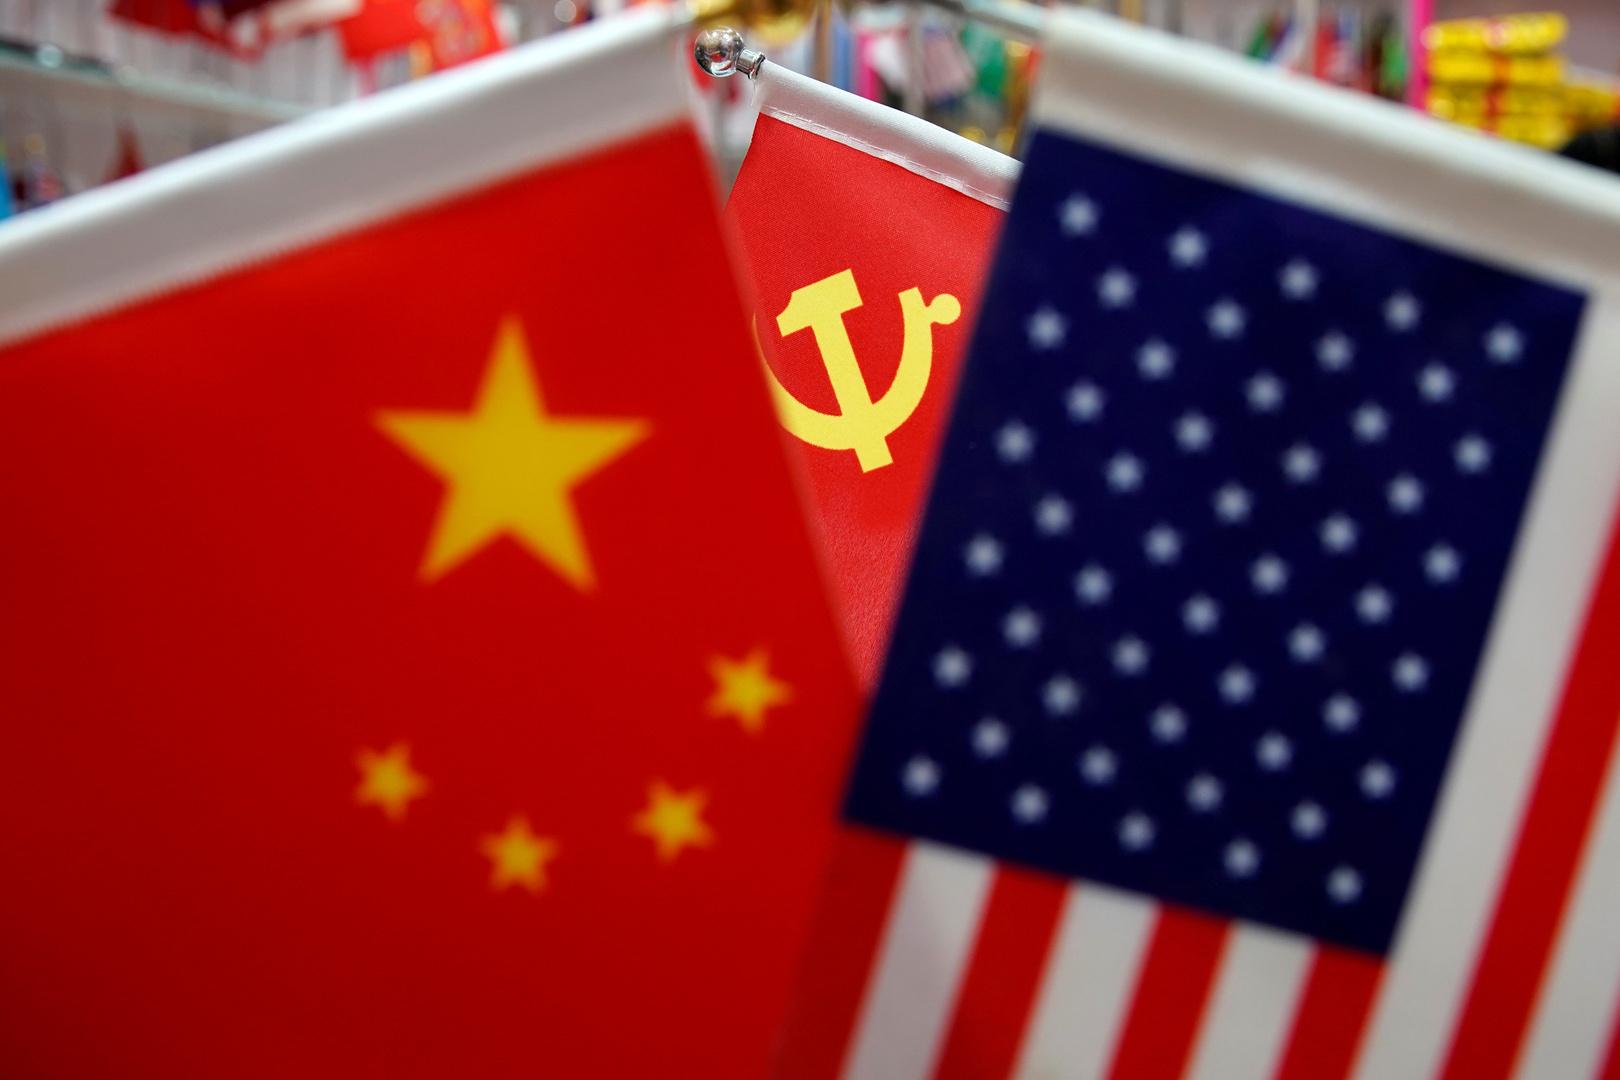 في إجراء بالمثل... الصين تقرر إغلاق القنصلية الأمريكية في مدينة تشنغدو